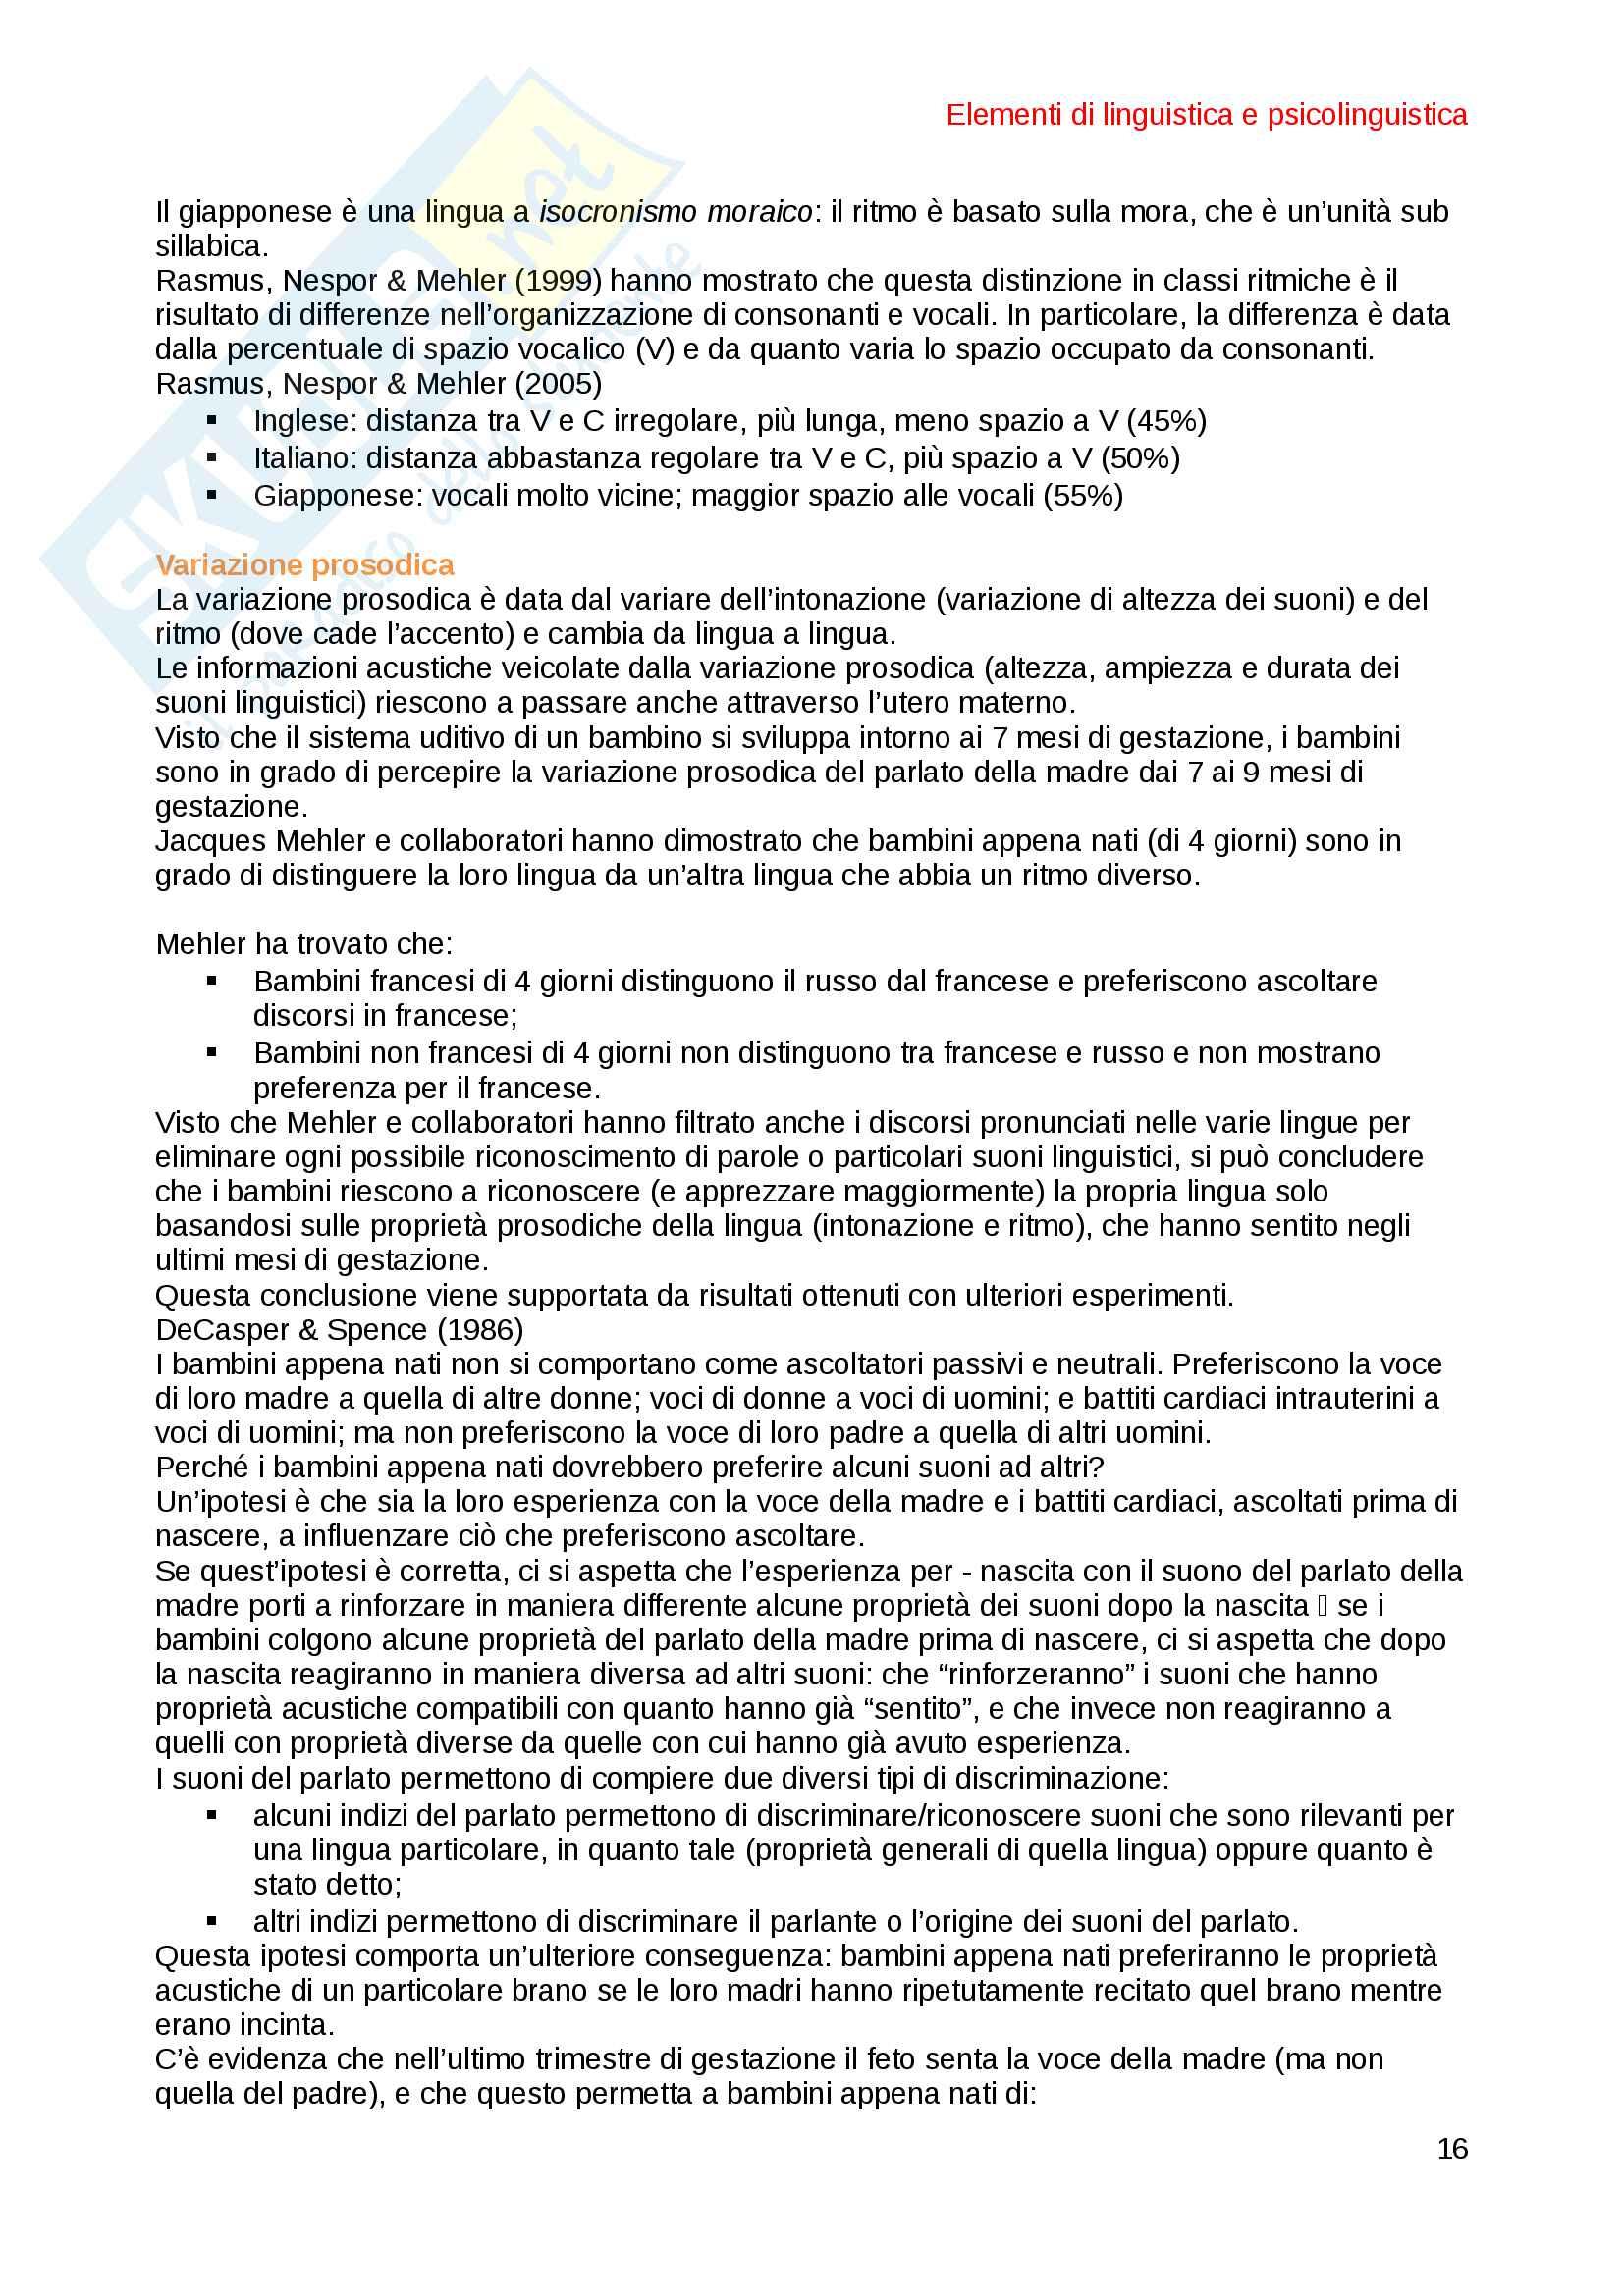 Elementi di Linguistica e Psicolinguistica Pag. 16